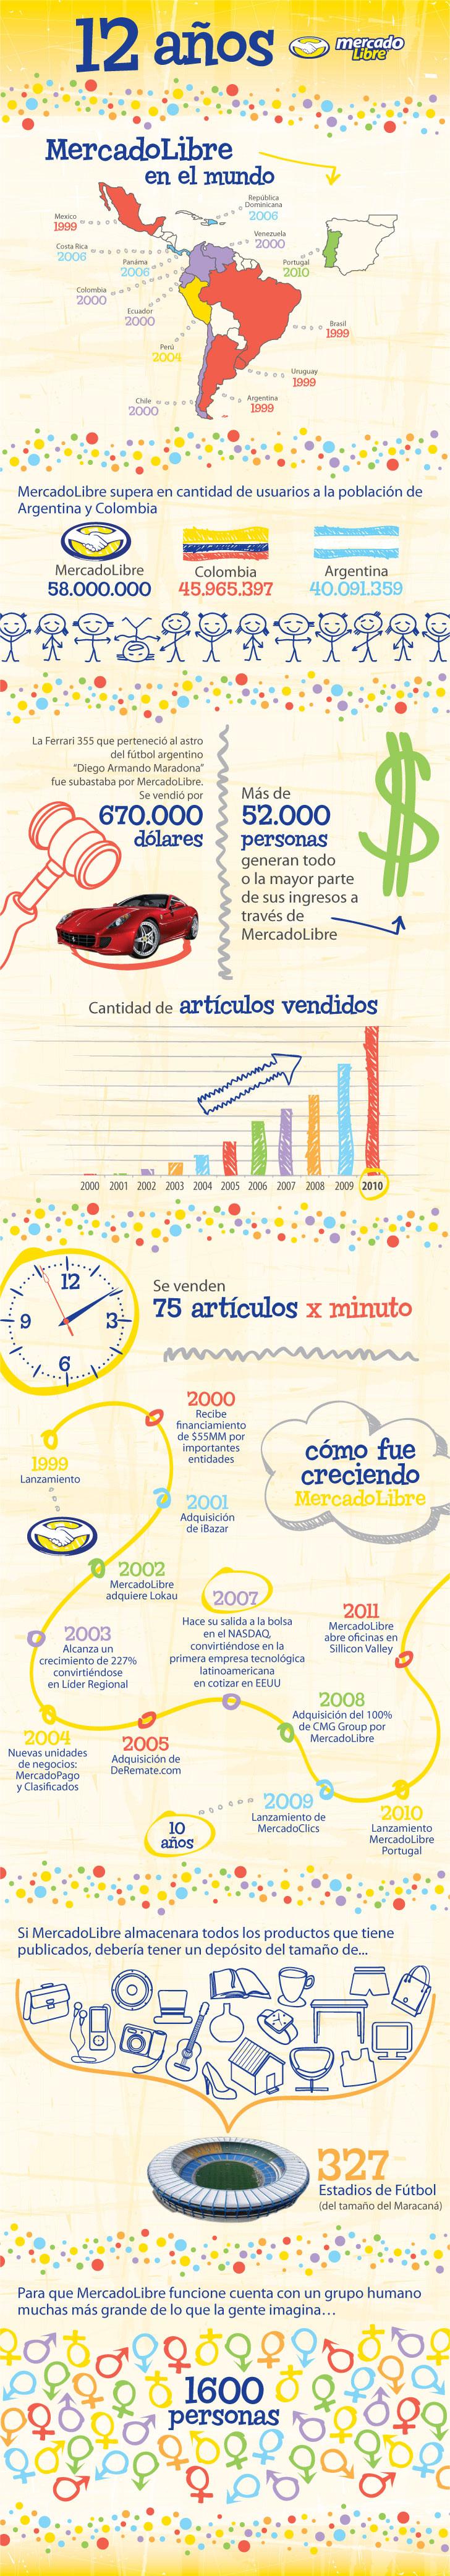 infografia Los doce años de MercadoLibre en una infografía